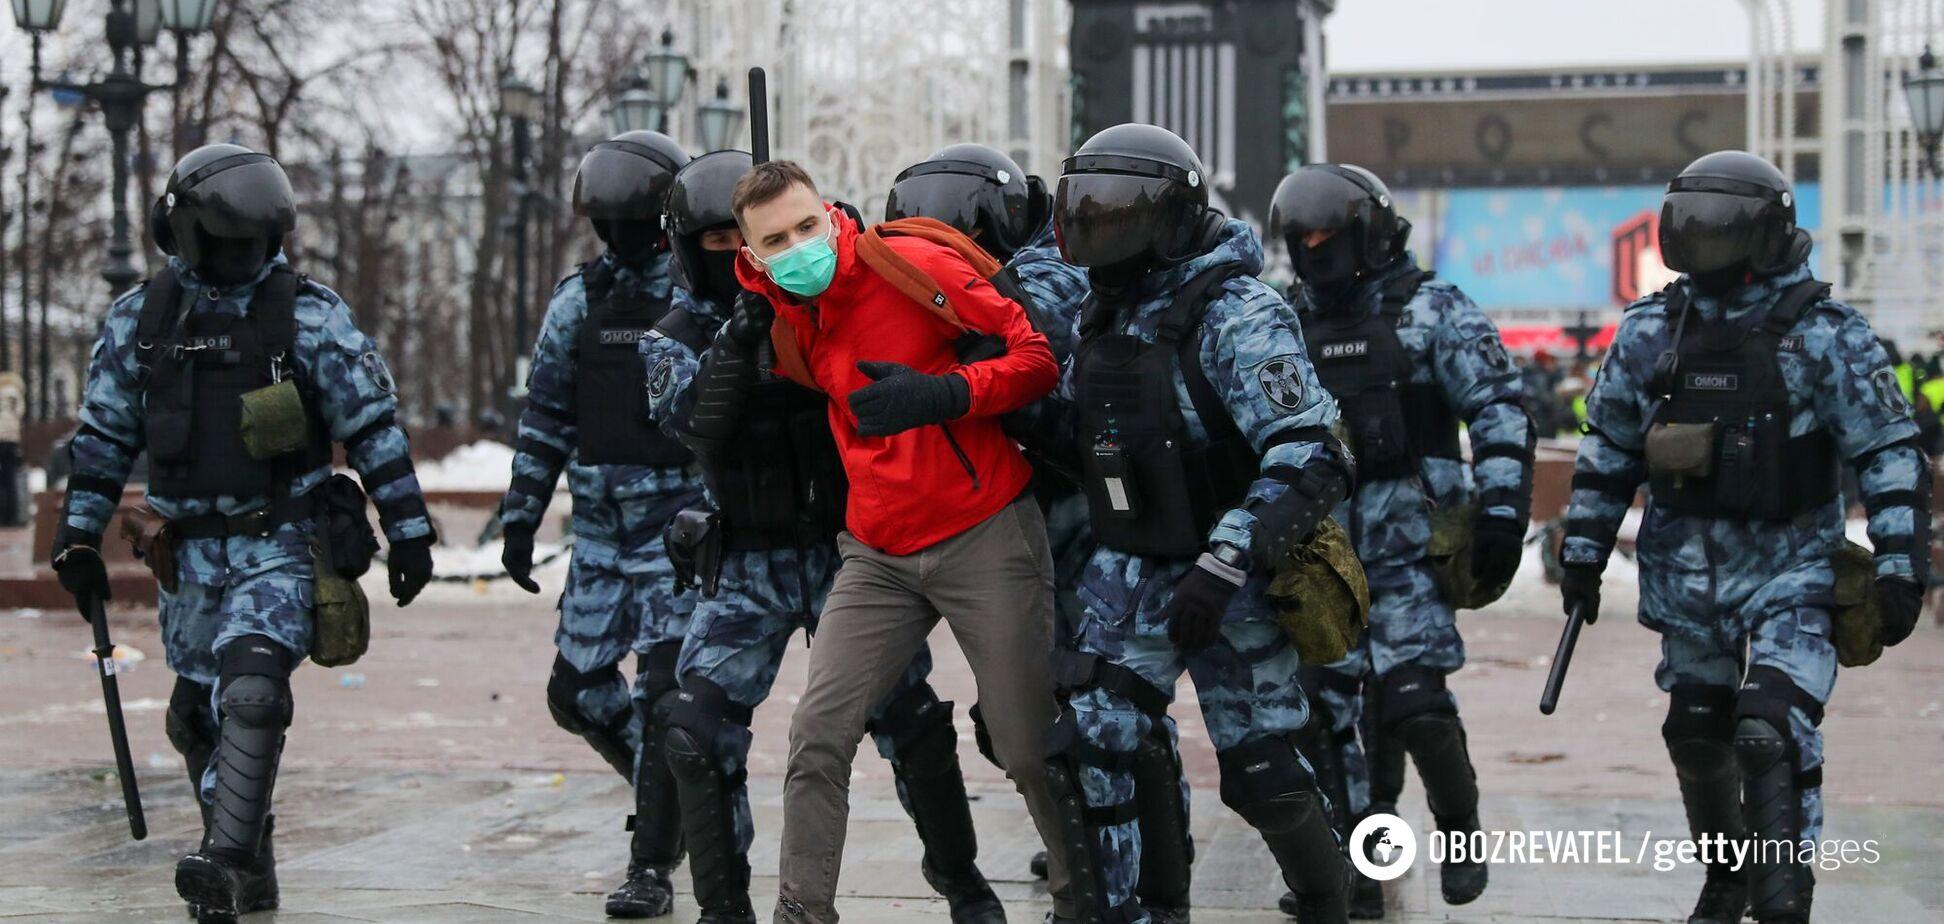 Задержание на акции протестов в России